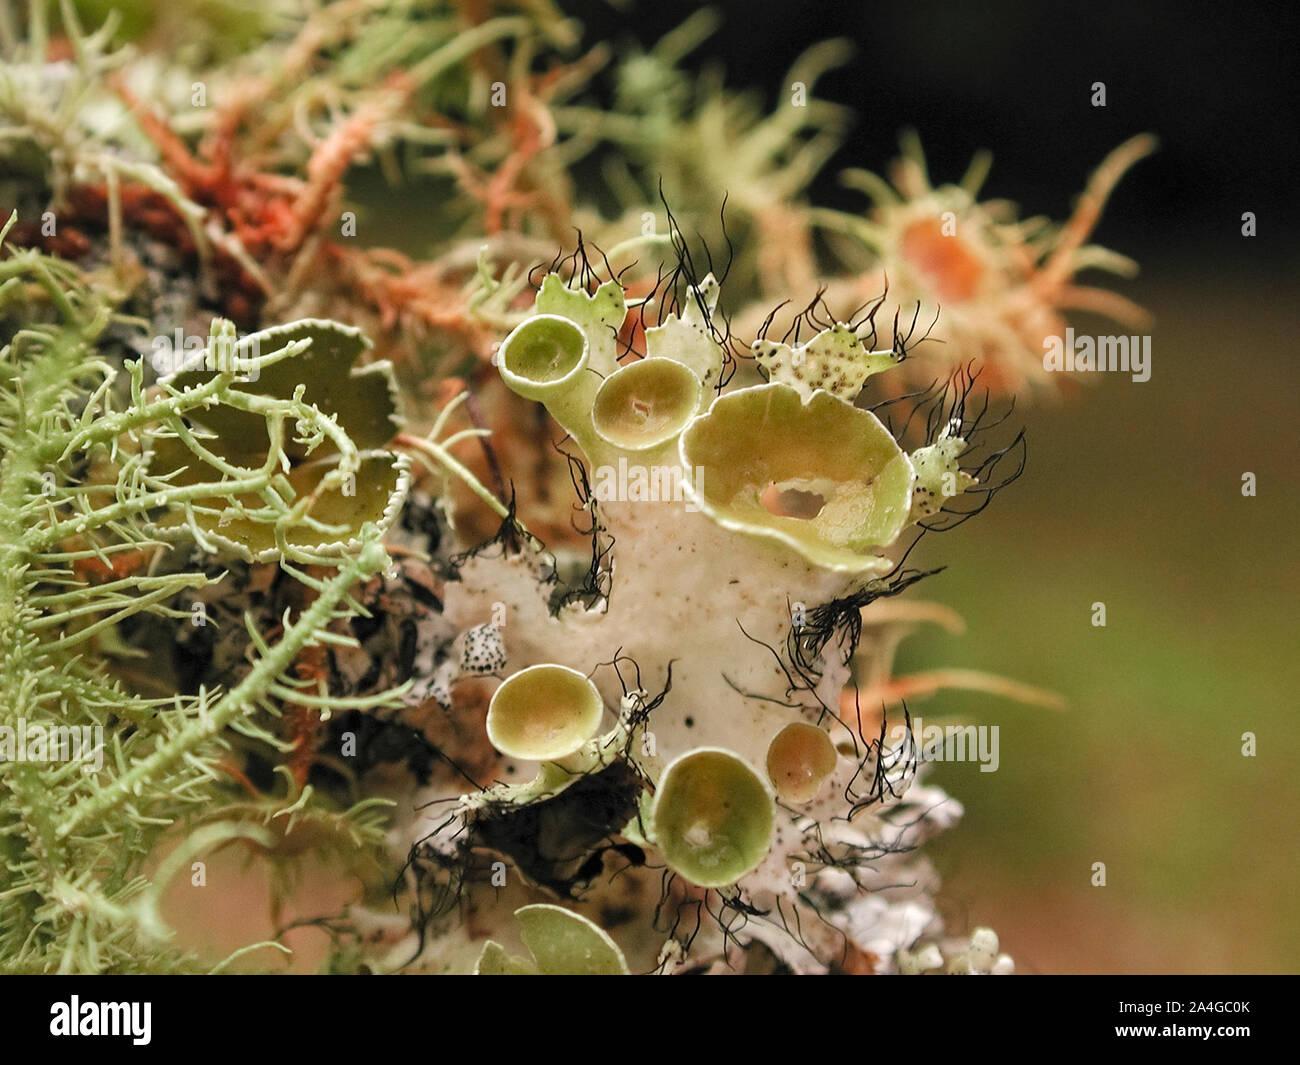 Flechten auf einem Ast in einer symbiotischen Beziehung mit verschiedenen Pilzen und Algen. Stockfoto